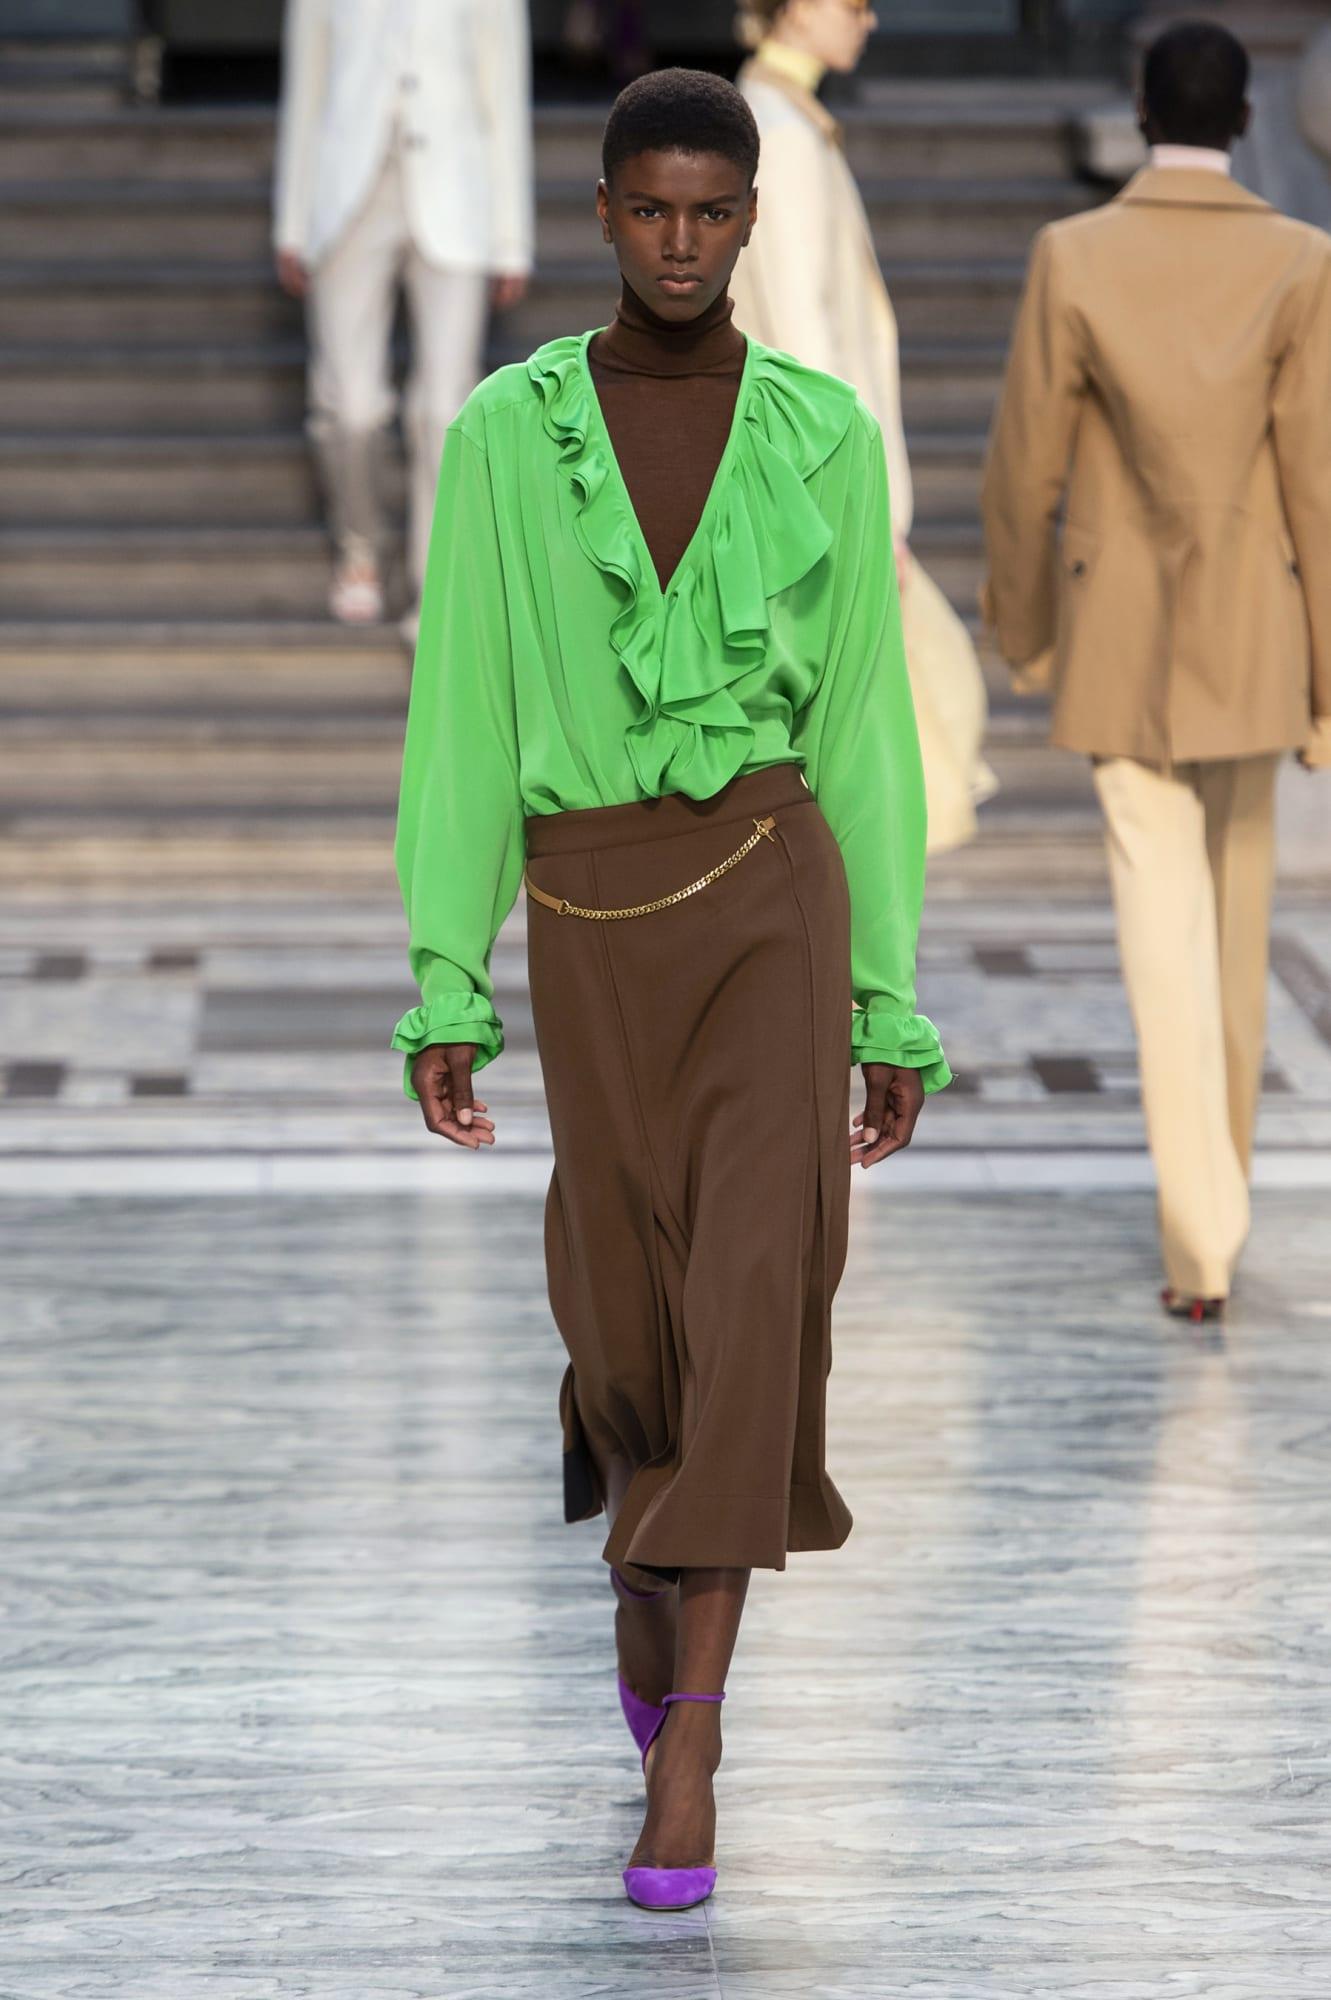 áo blouse xanh lá và đầm cổ lọ màu nâu